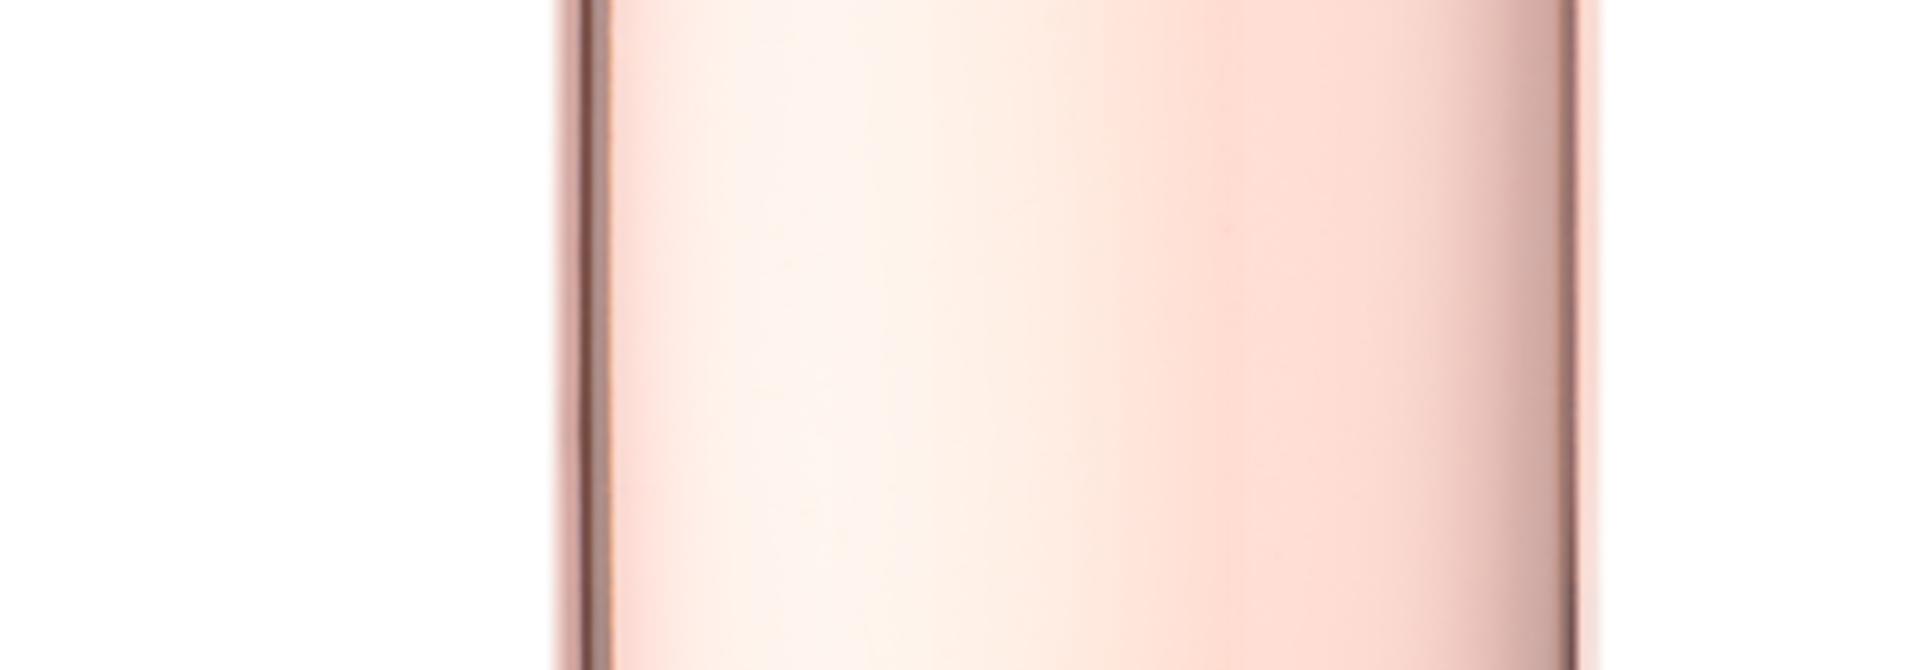 Bellini 500ml Refill